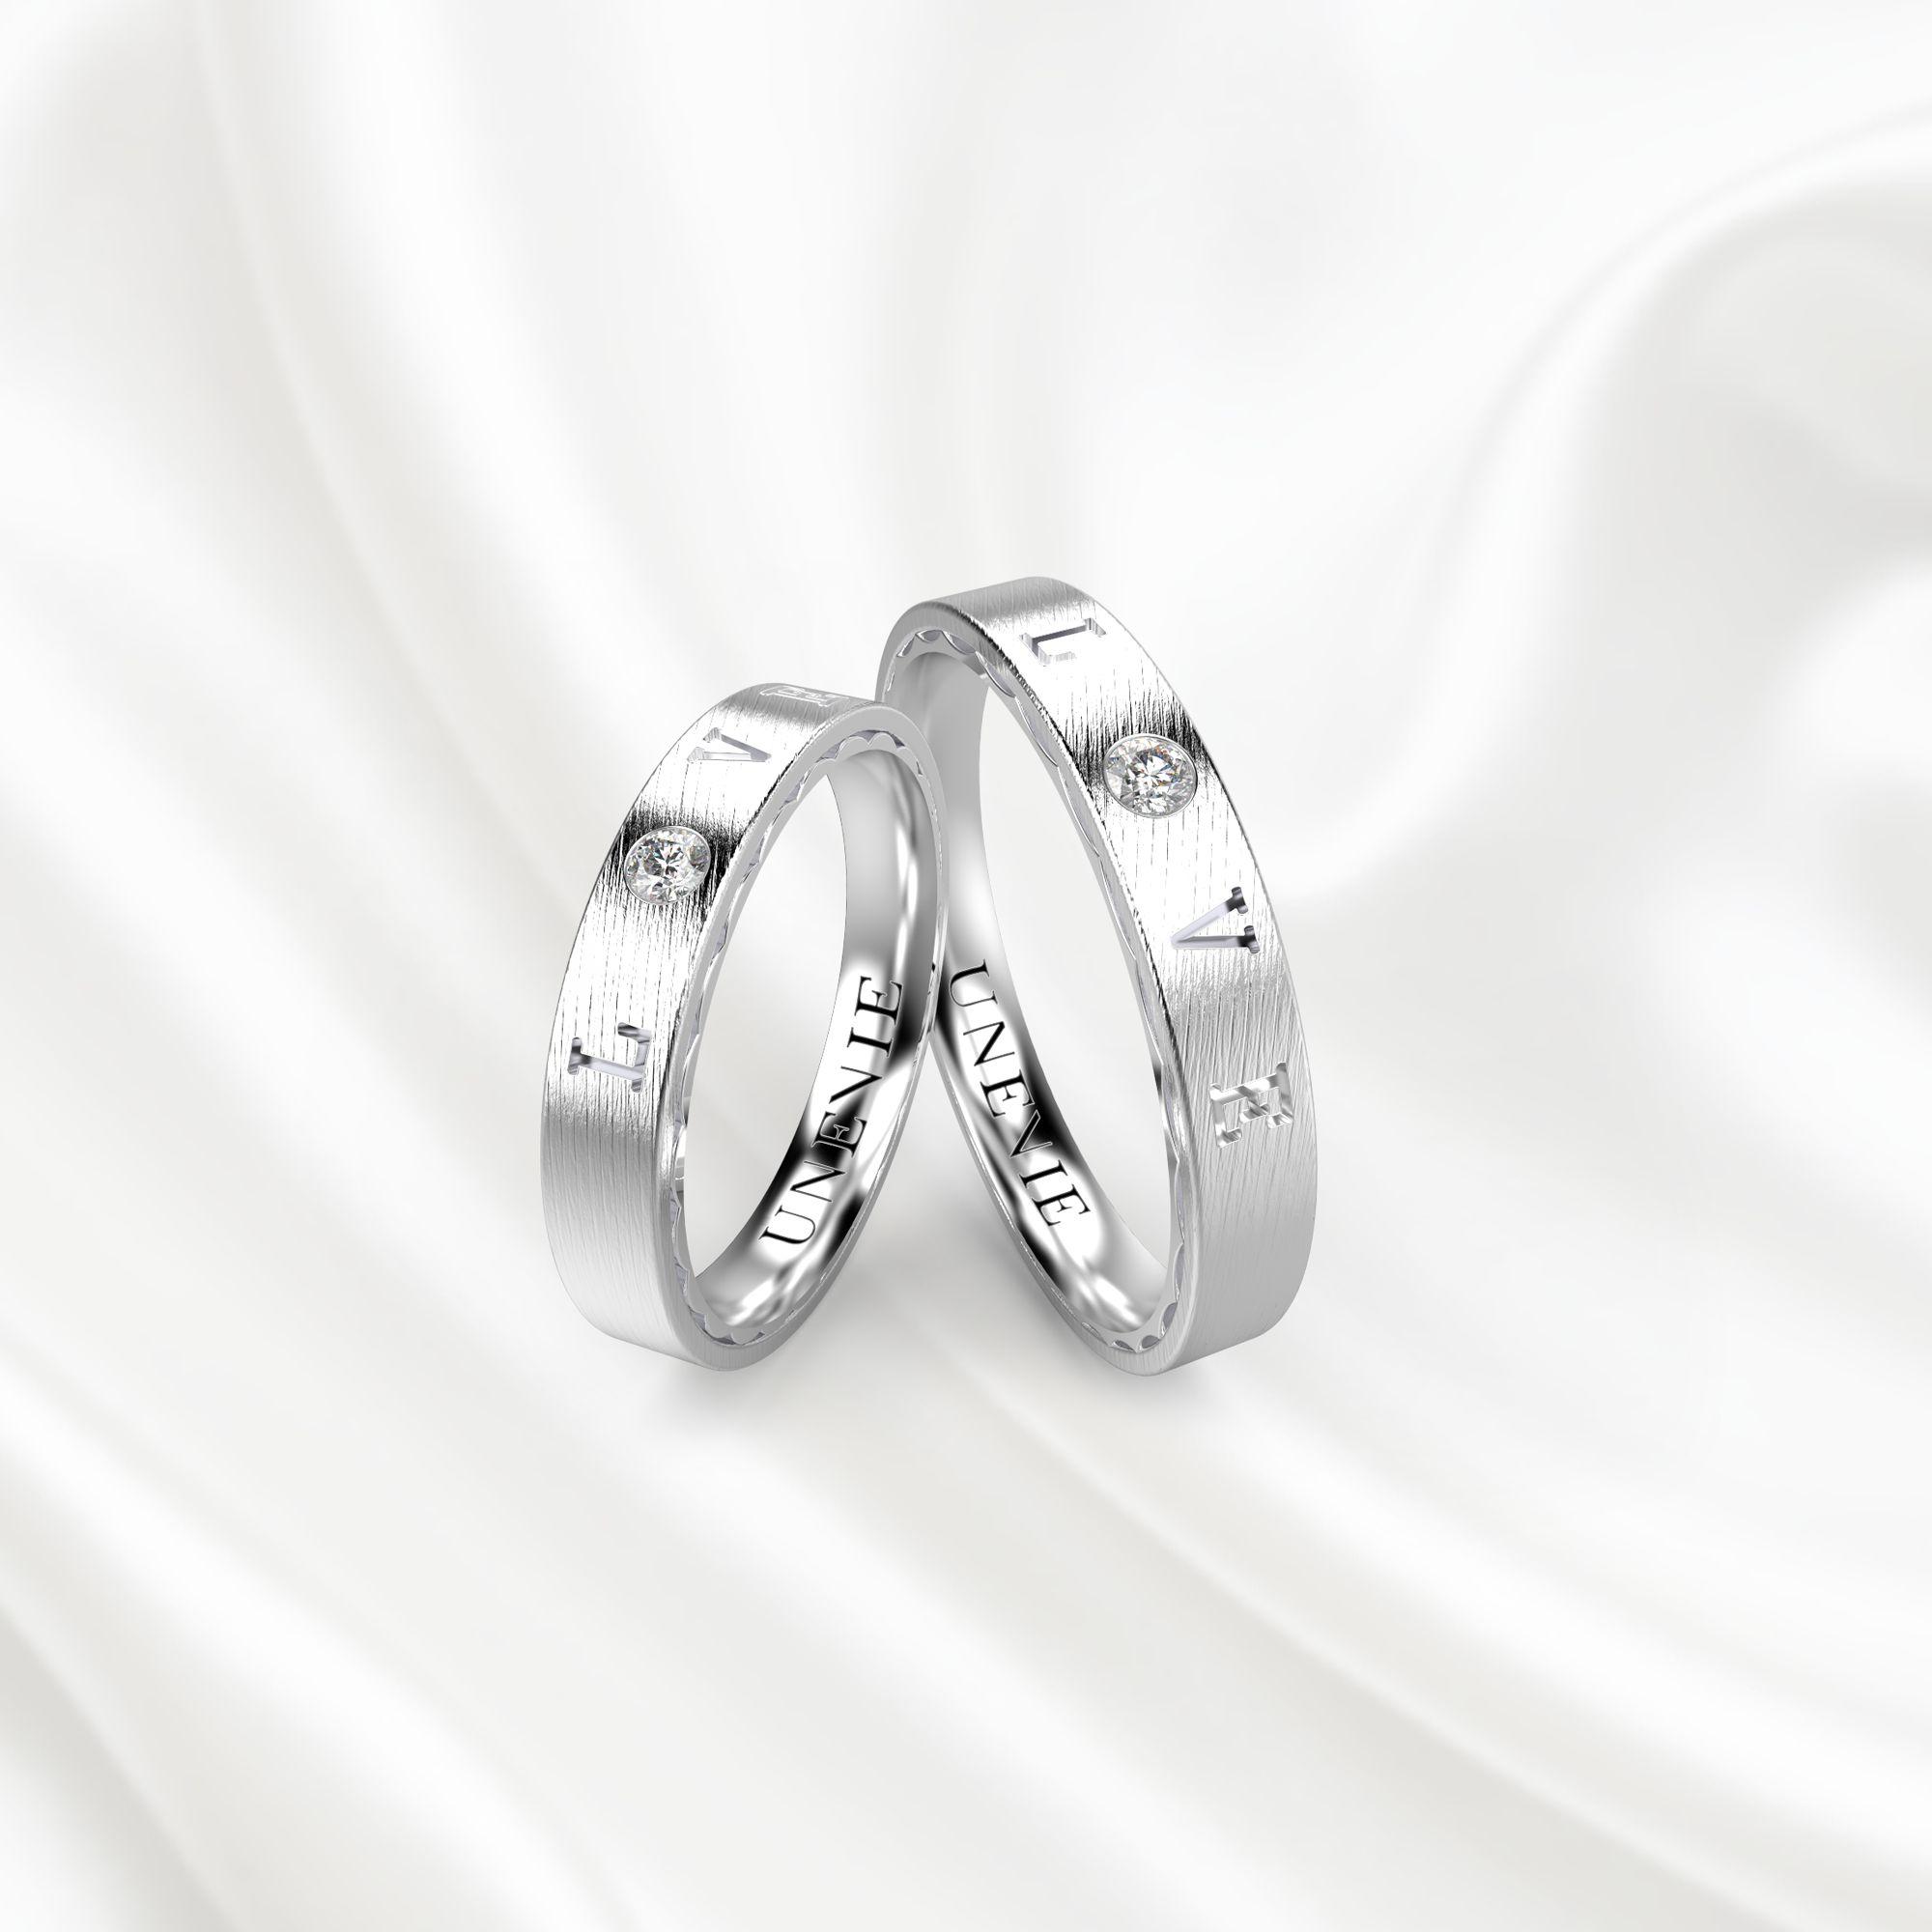 NV18 Обручальные кольца из белого золота